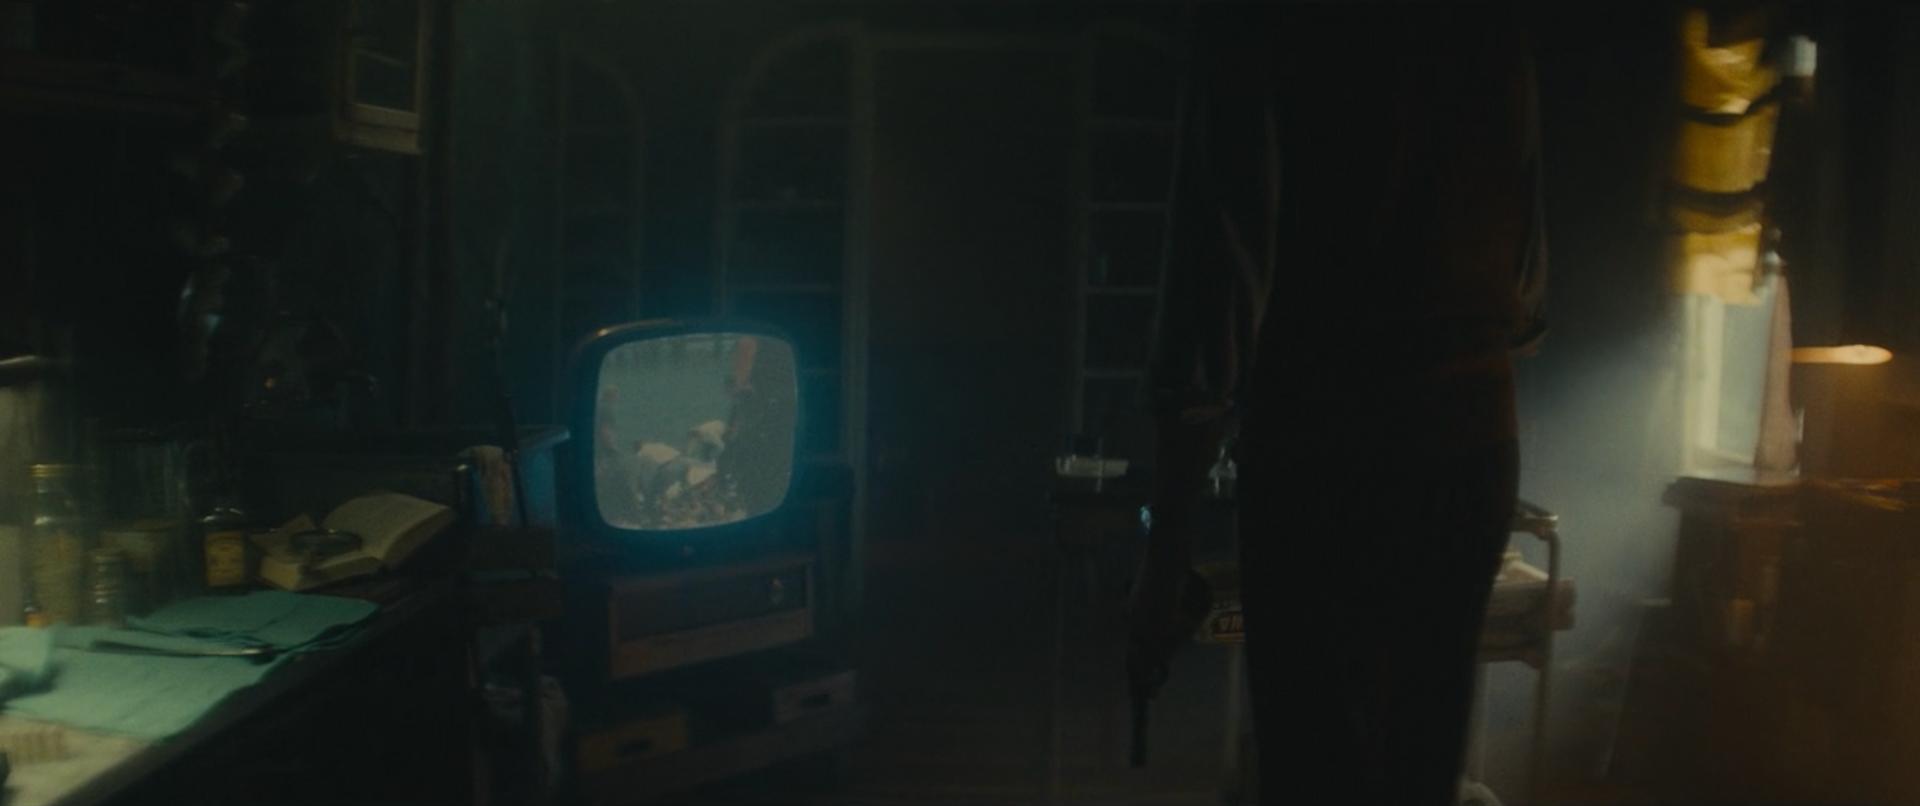 Screen Shot 2020-10-21 at 4.53.07 PM.png